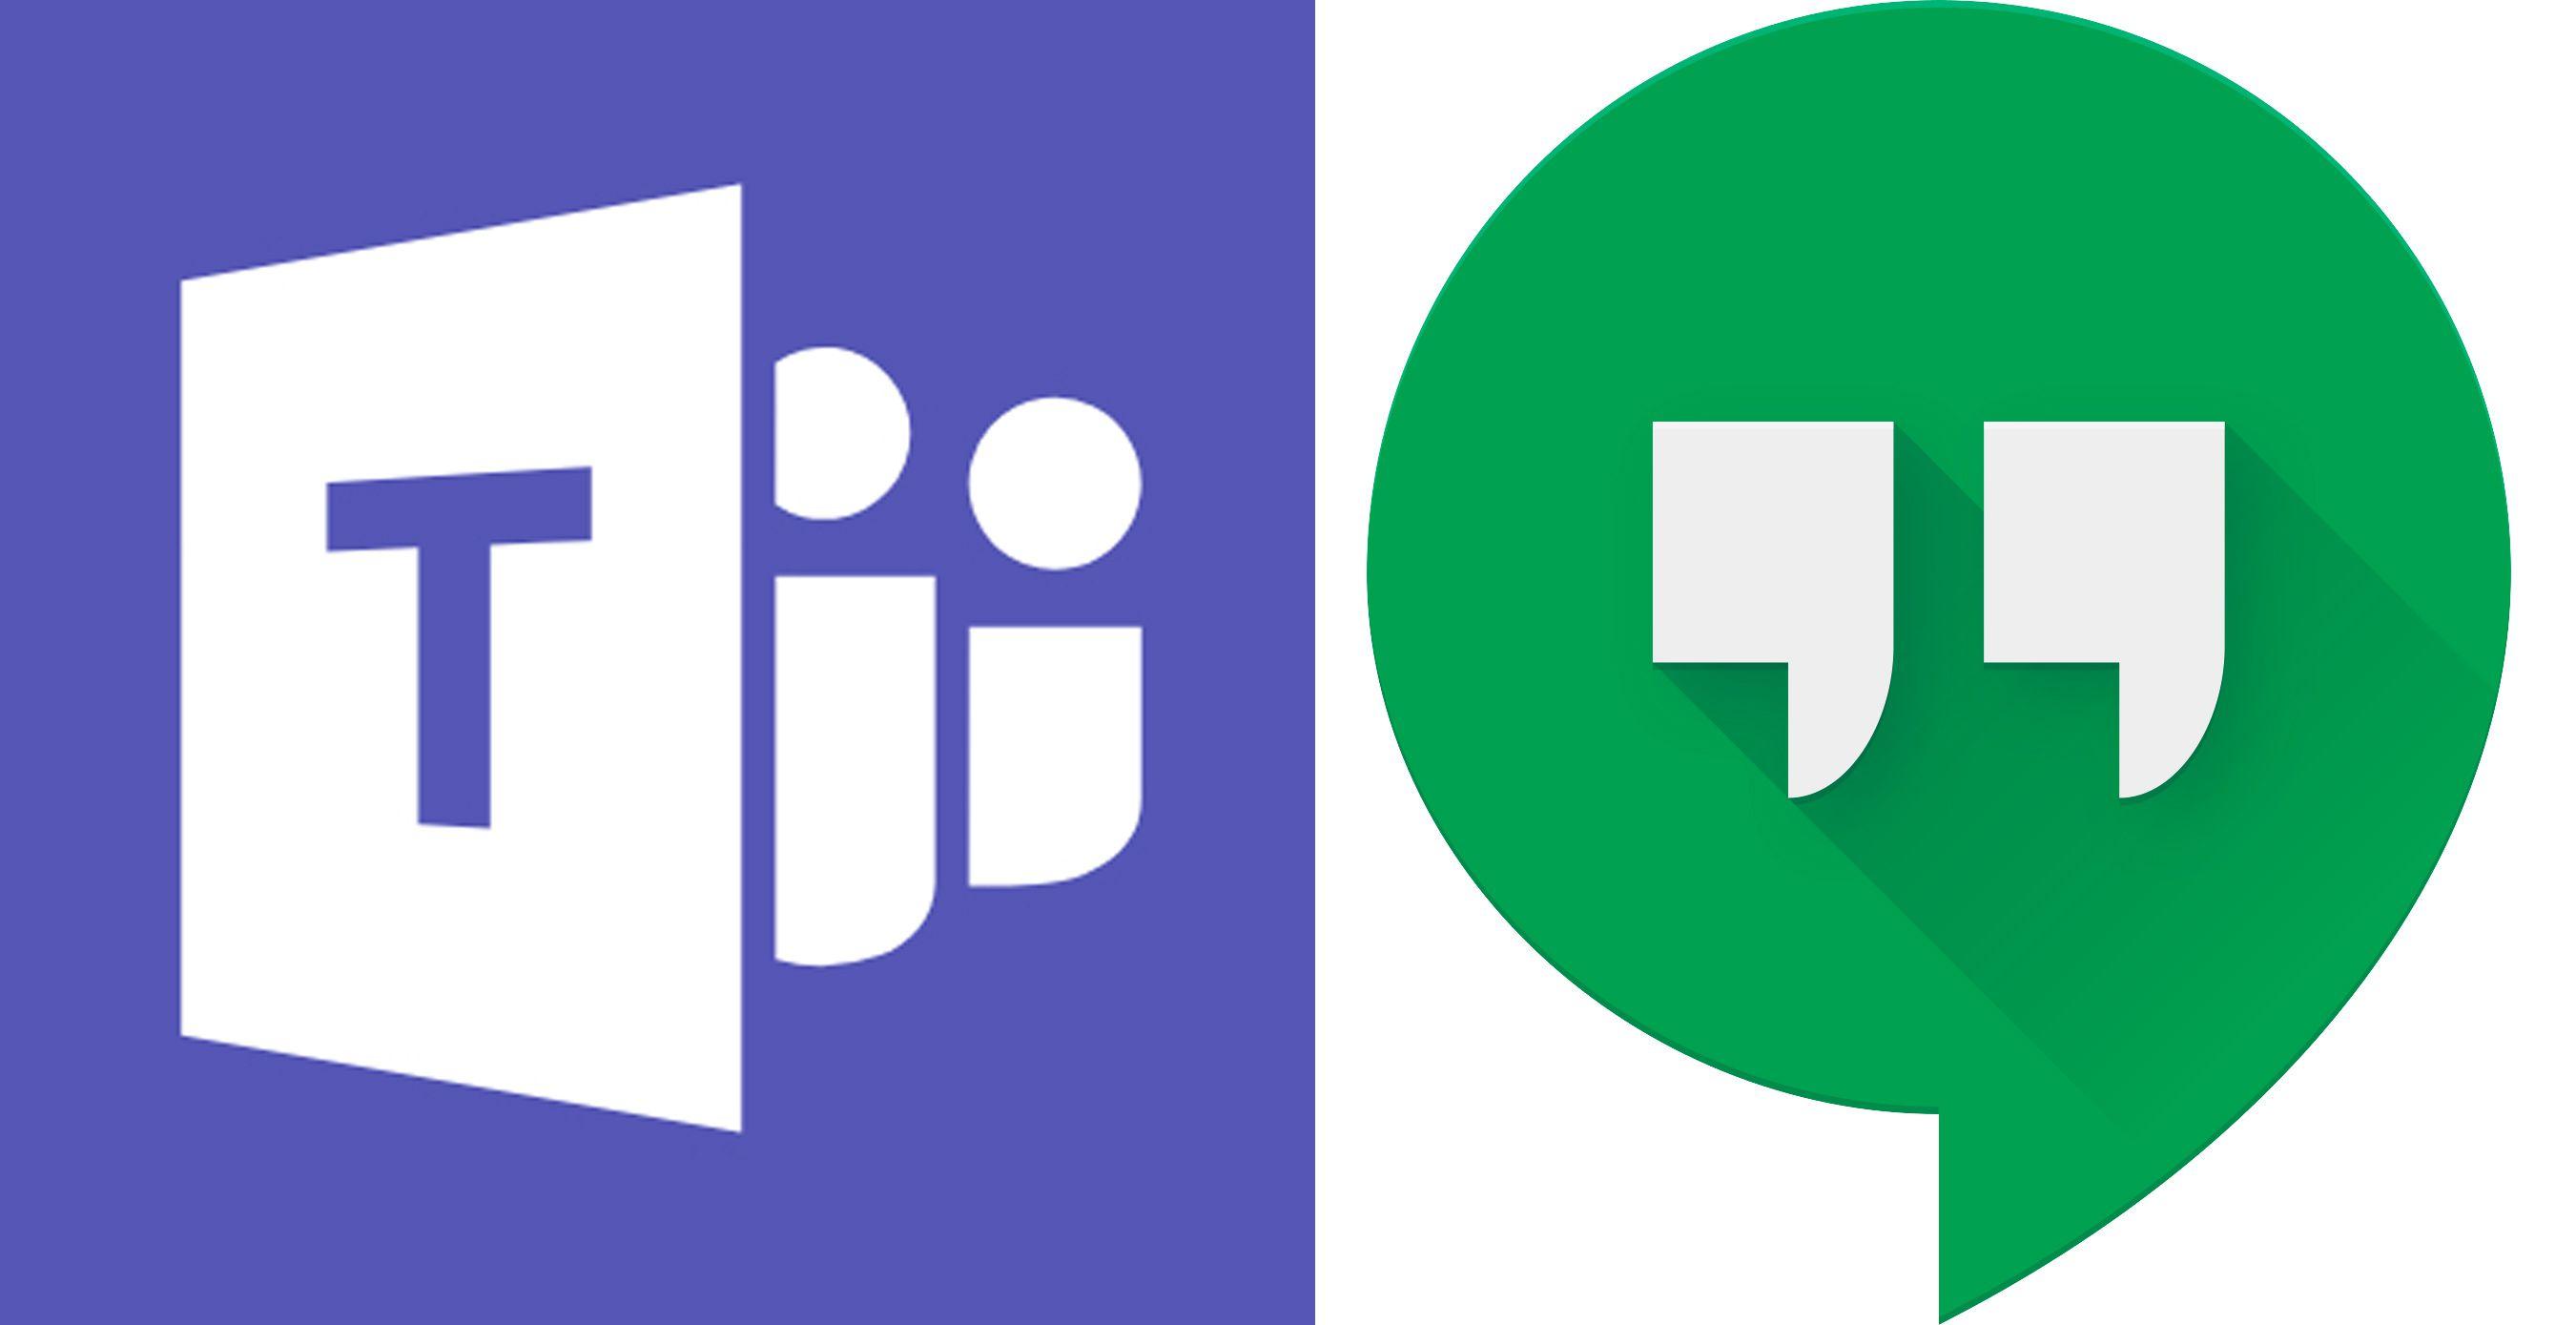 Teams and Hangouts logos